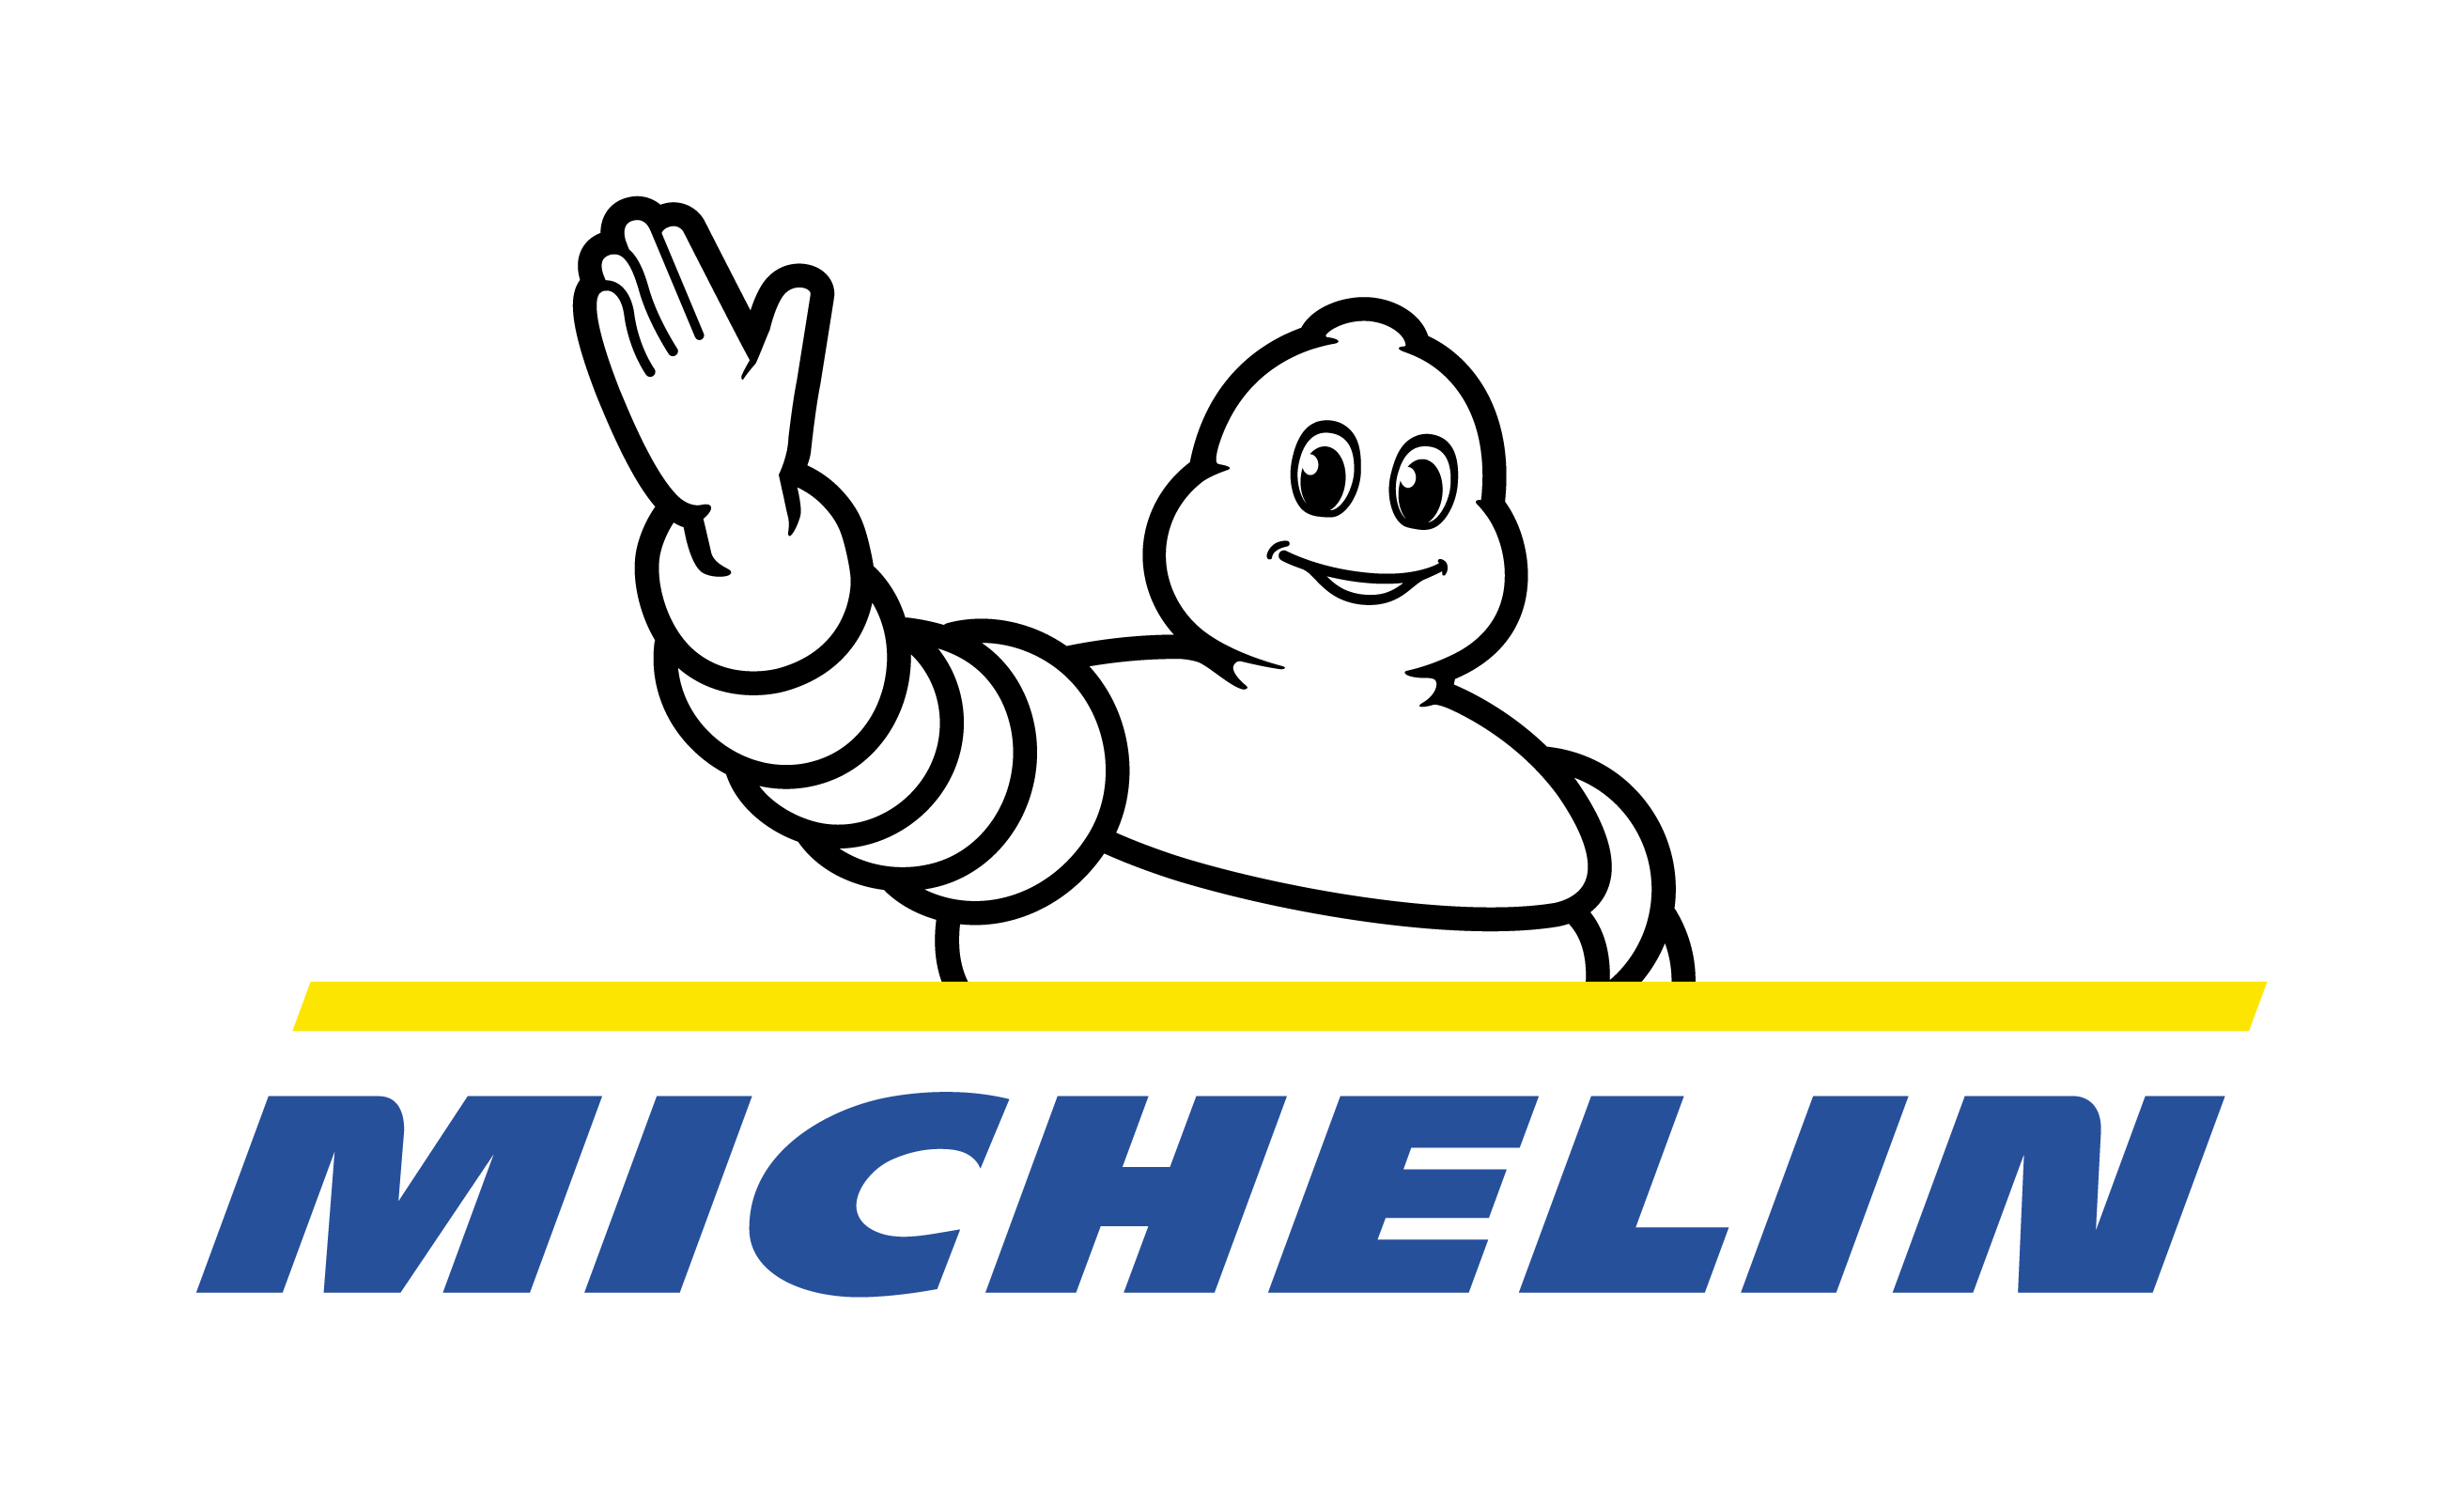 michelin - Photo